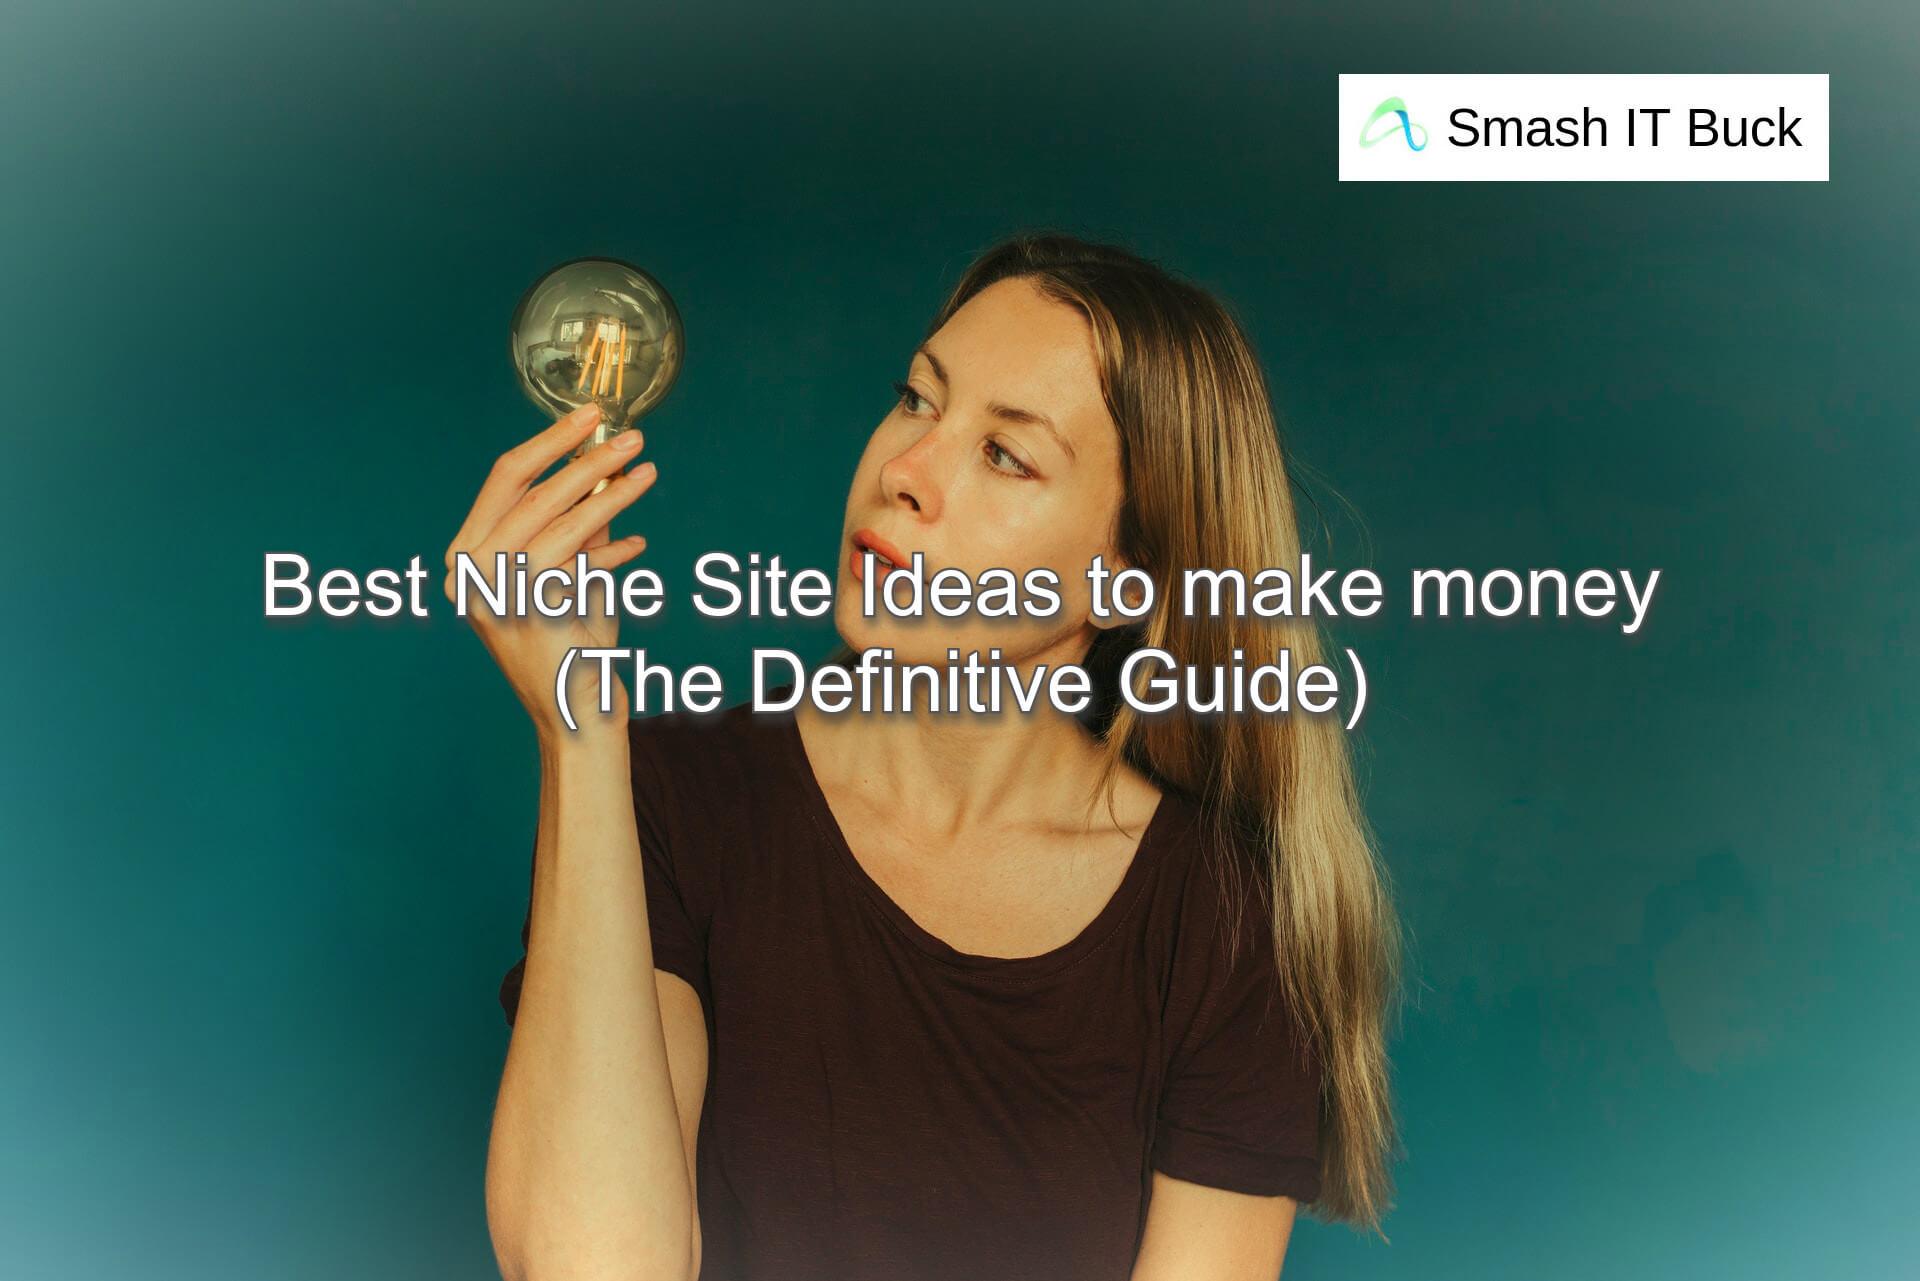 Best Niche Site Ideas to make money in 2021